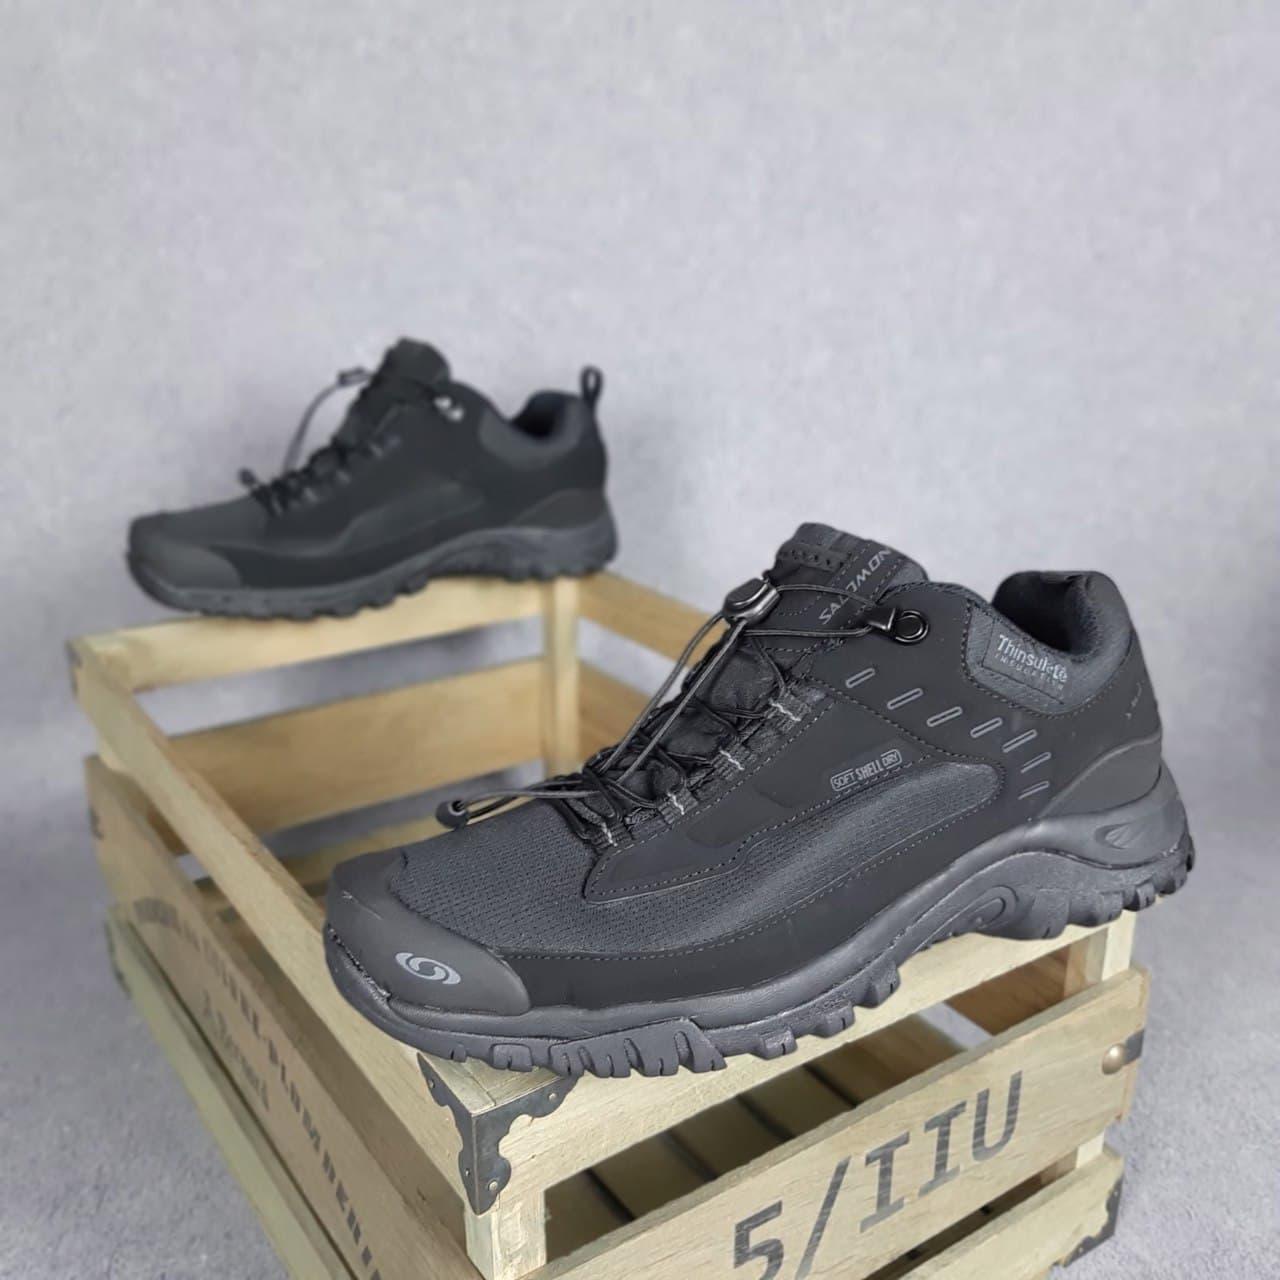 Мужские зимние кроссовки Salomon soft shell dry (черные) О3691 повседневные теплые кроссы